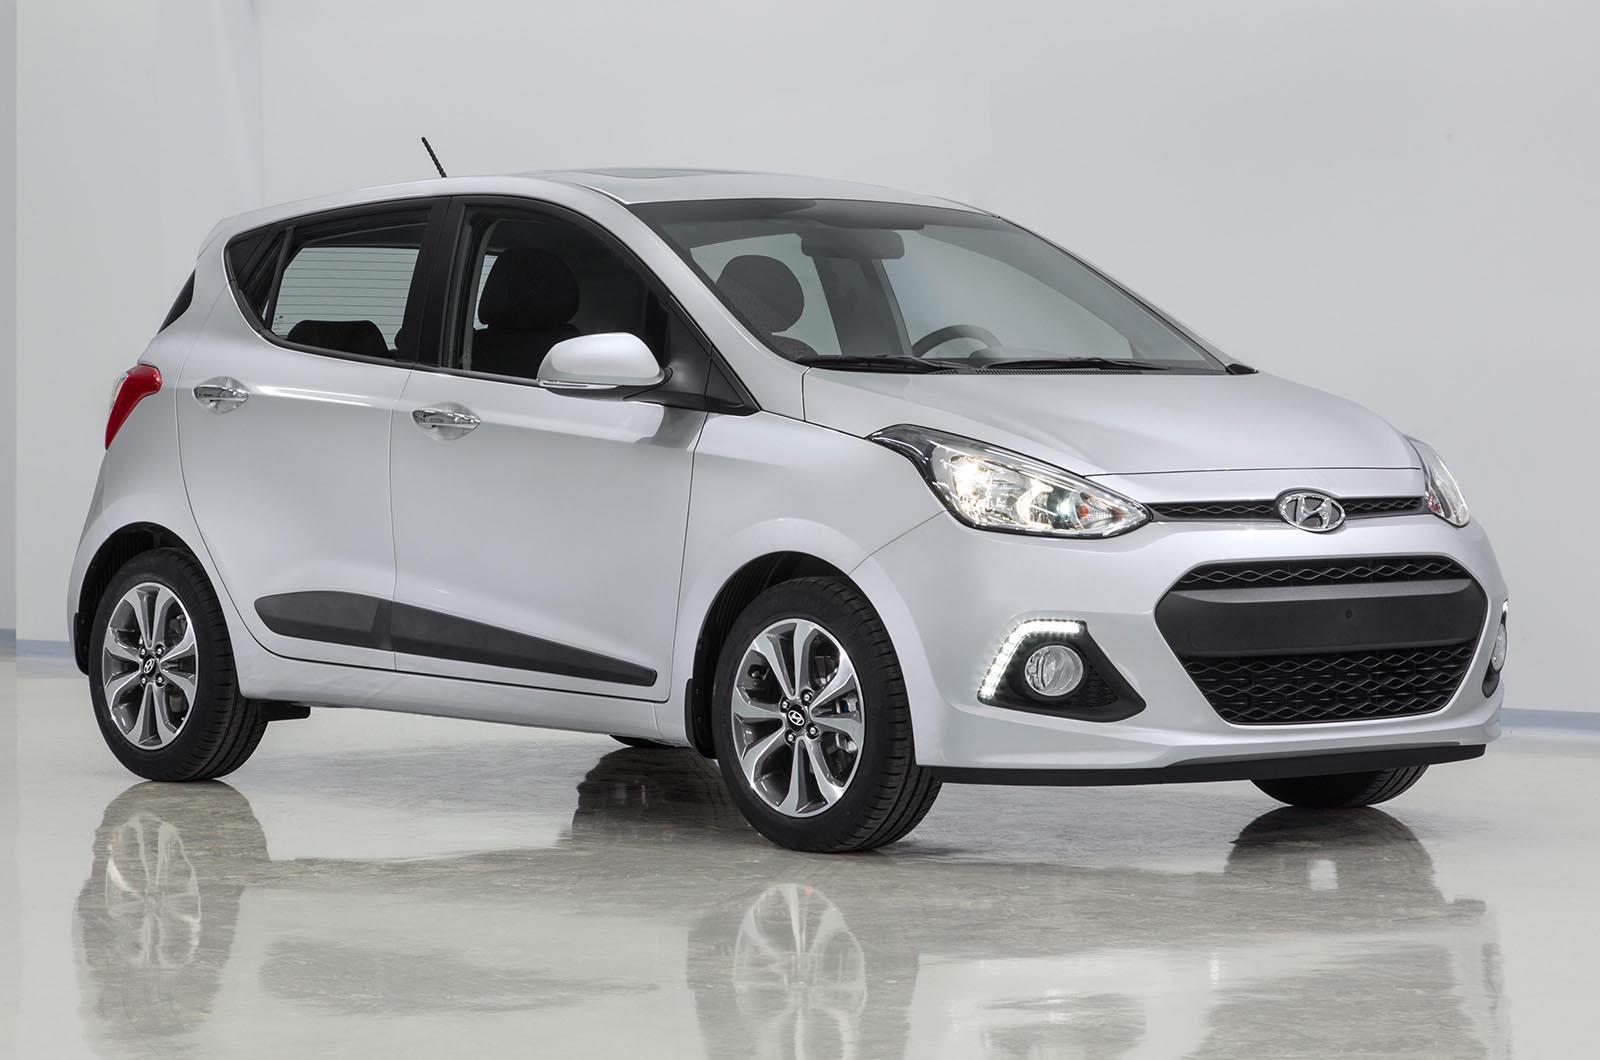 Ô tô giá rẻ nhất thị trường Việt năm 2017 có nên mua